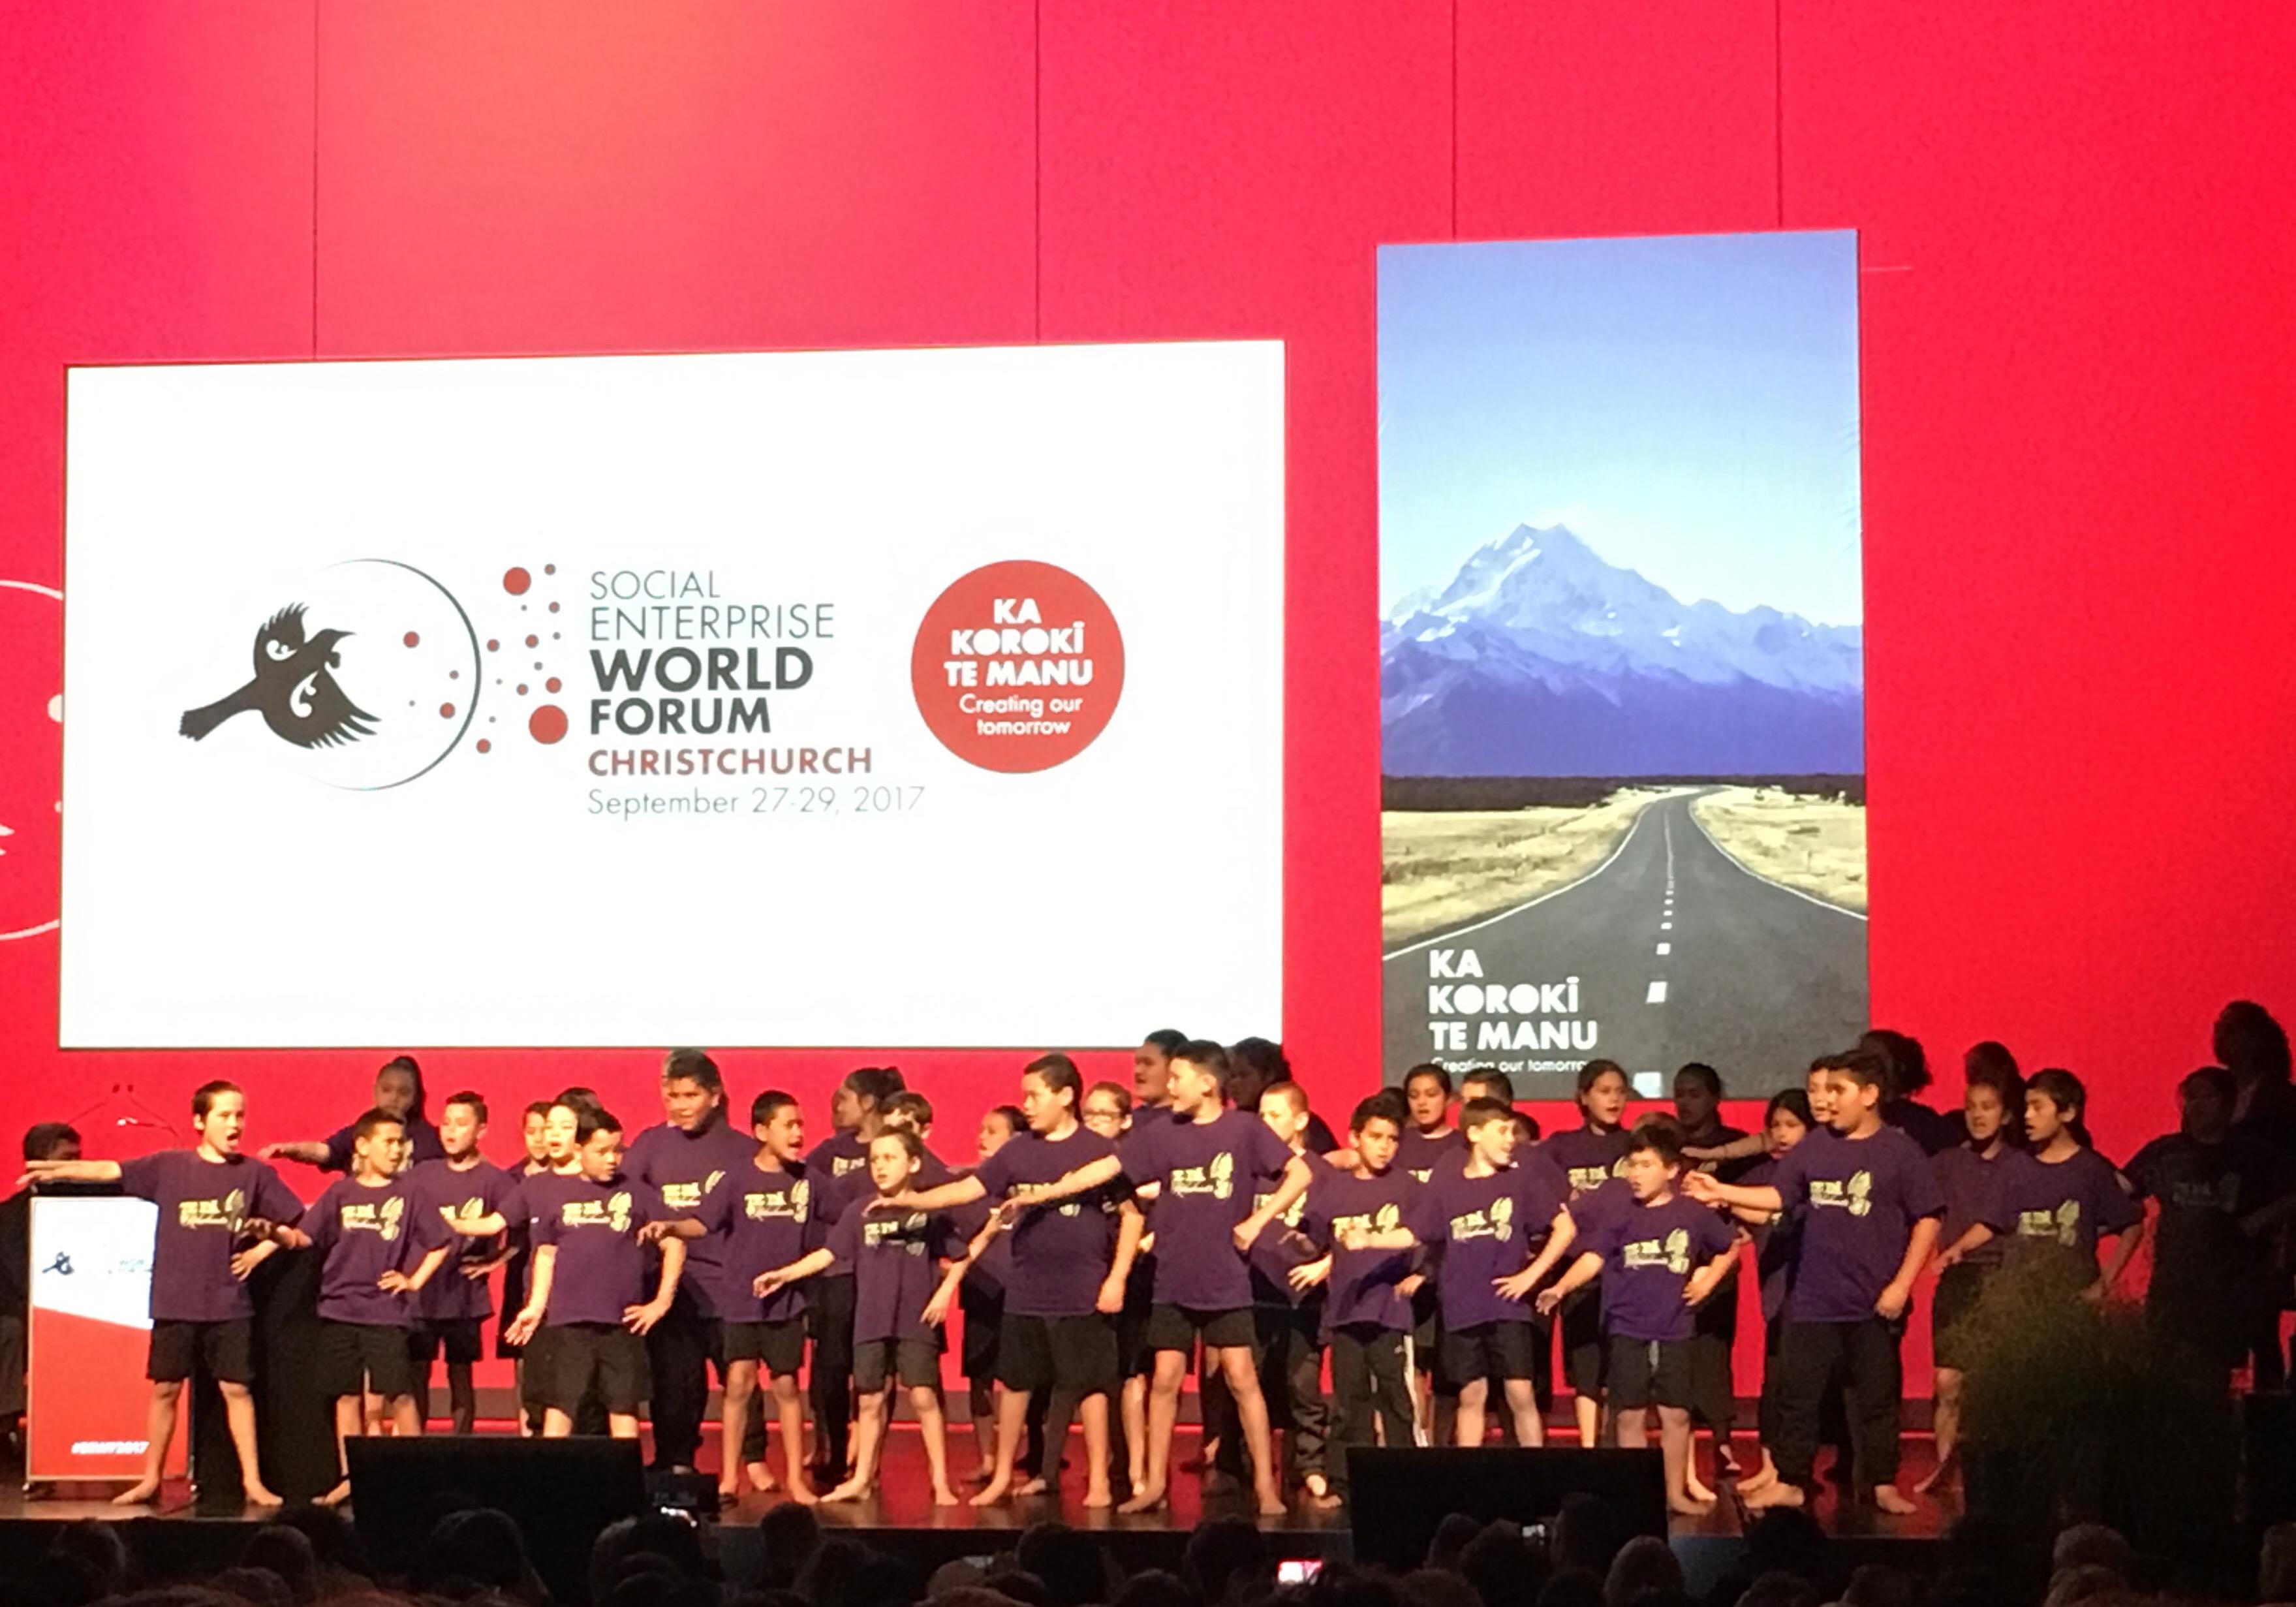 NZ Social Enterprise World Forum Blog